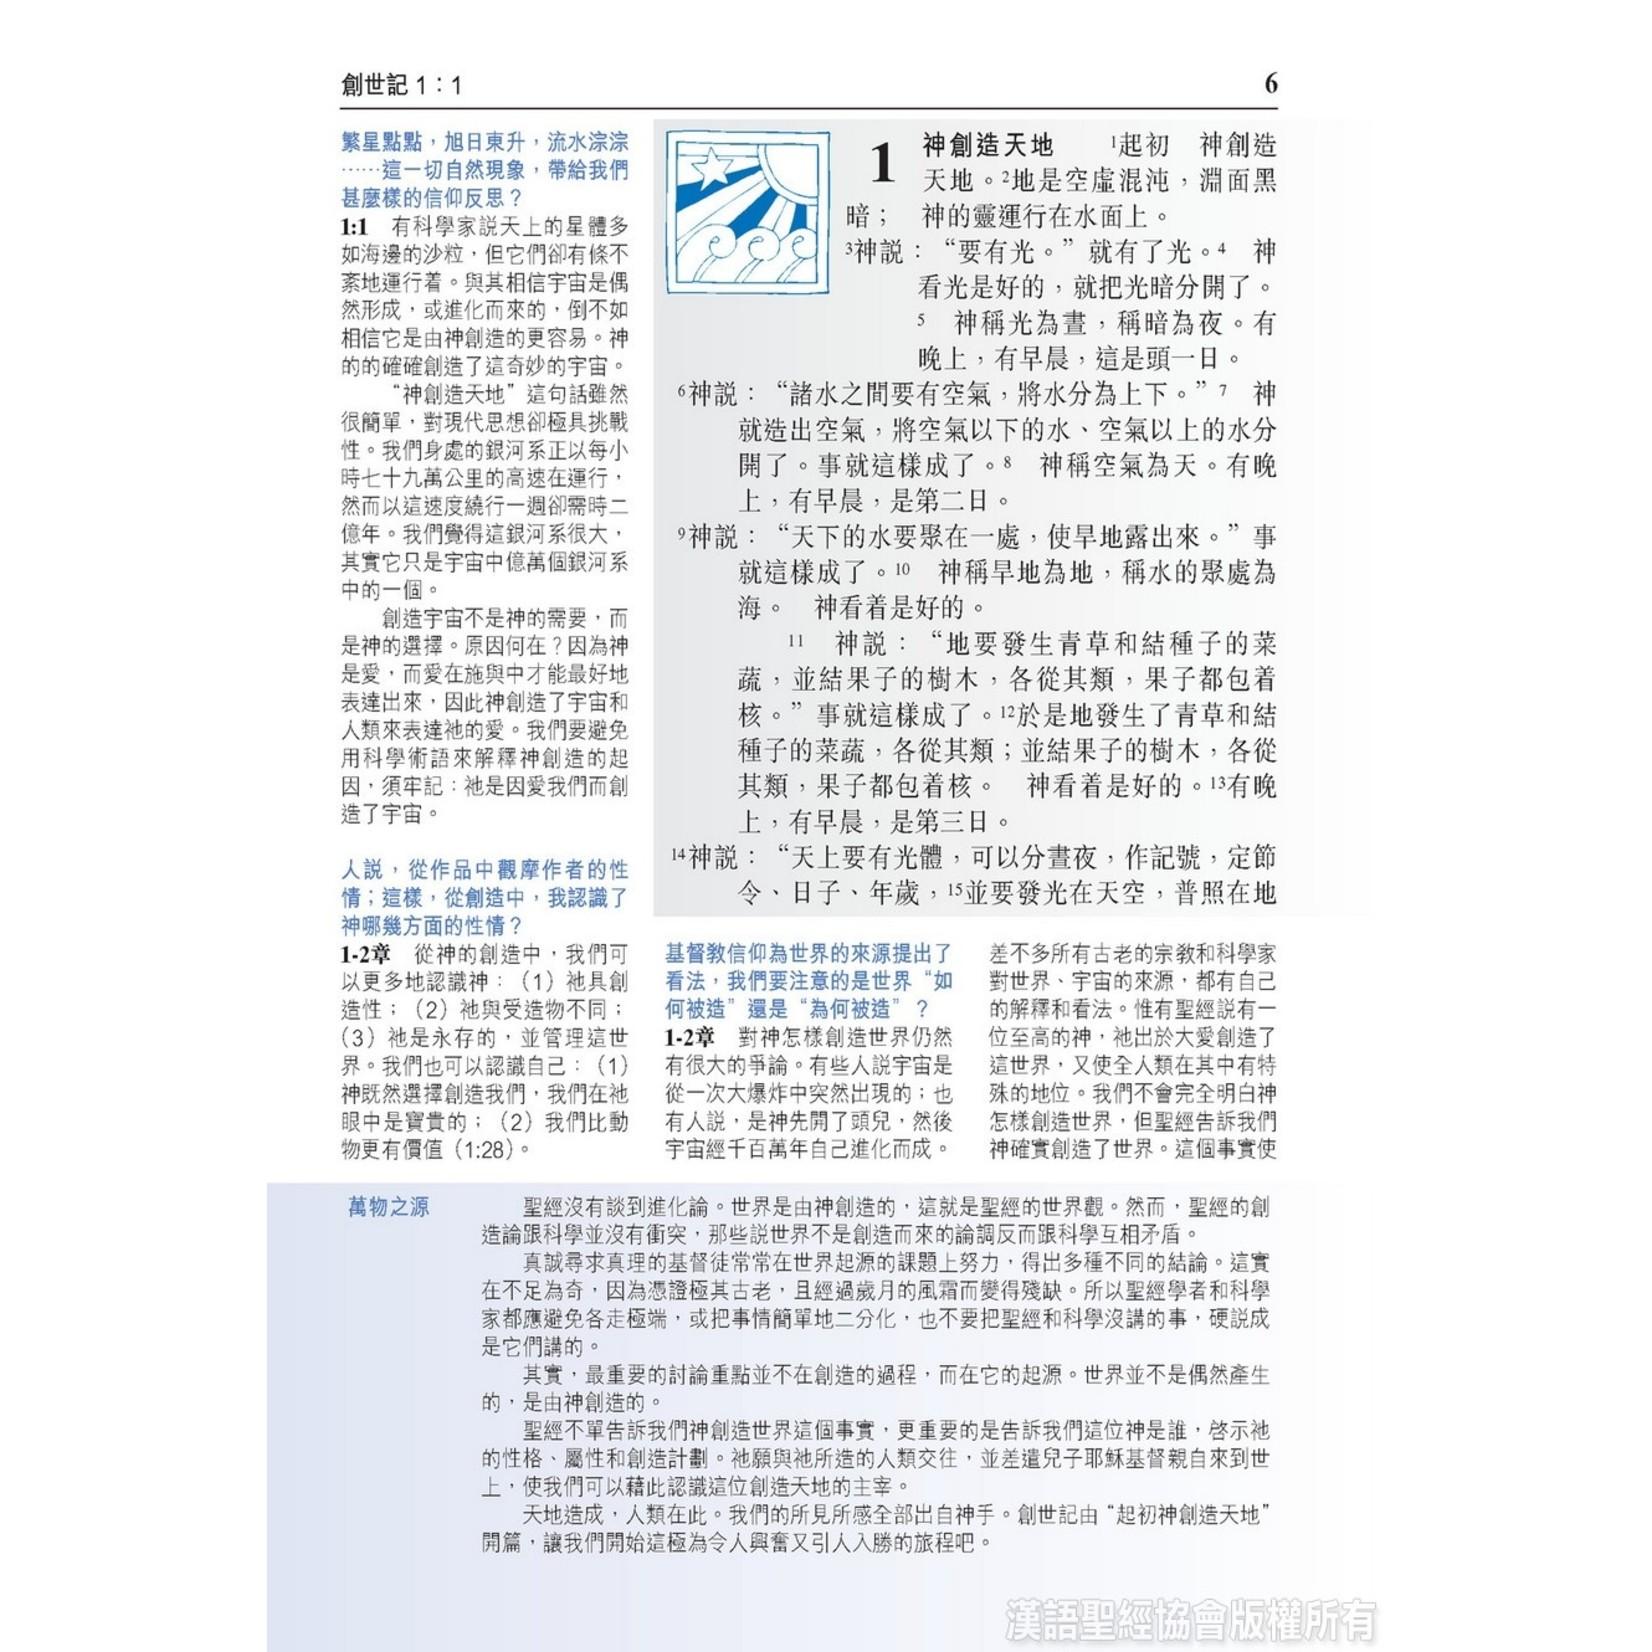 漢語聖經協會 Chinese Bible International 聖經和合本.靈修版.桃紅色仿皮面.銀邊(繁體)